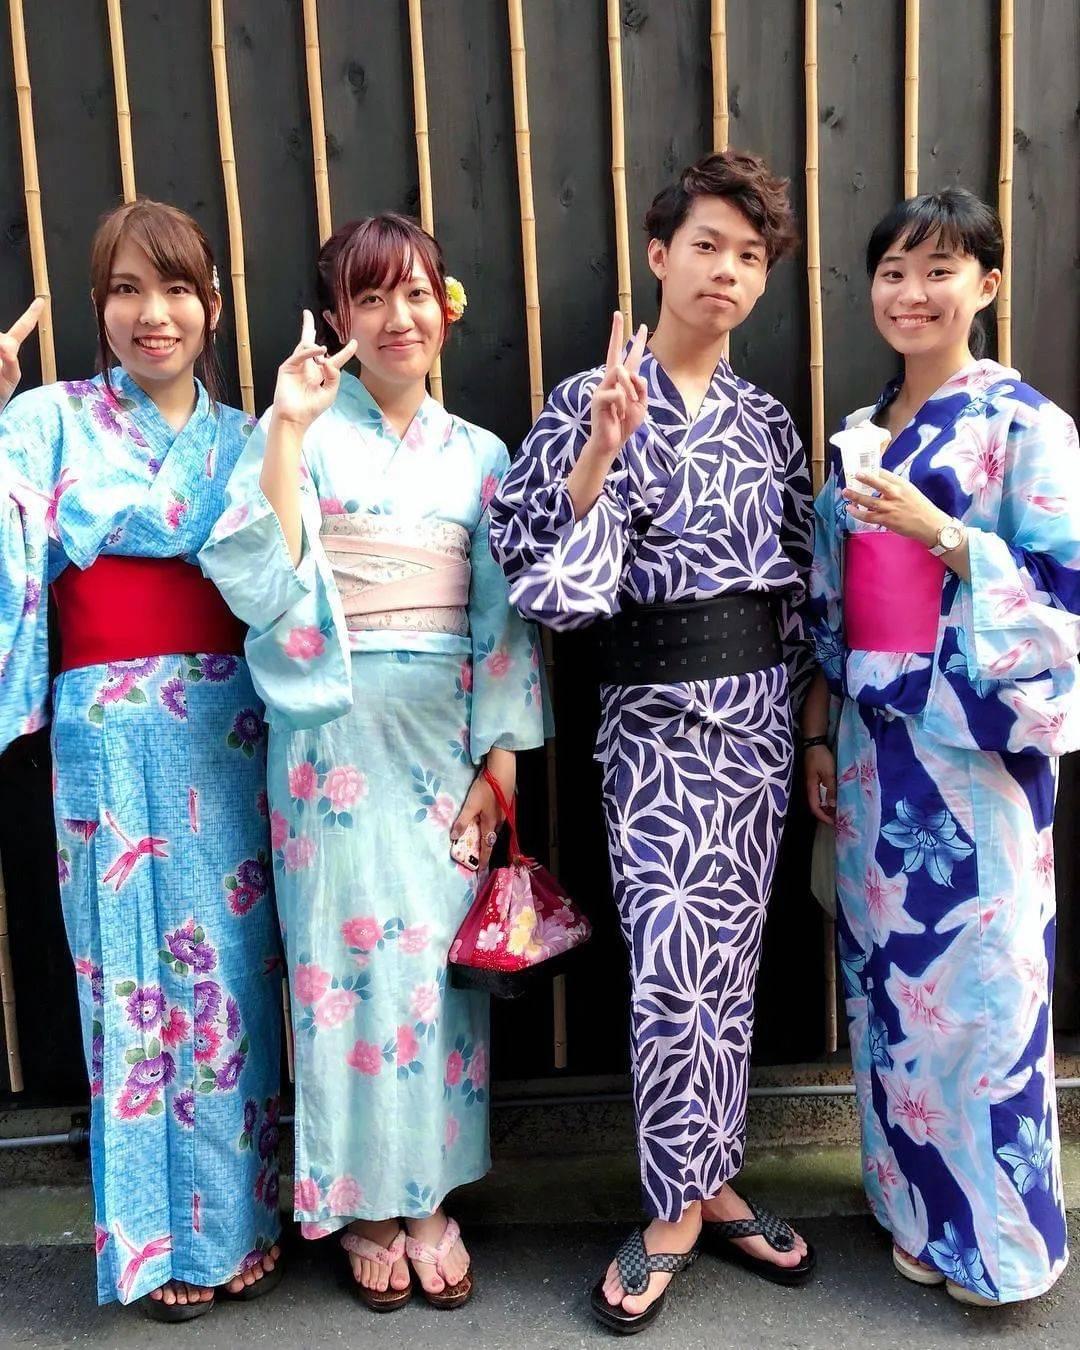 不舍!前TVB知名童星大学毕业,结束20年演艺生涯,移居日本工作生活  第13张